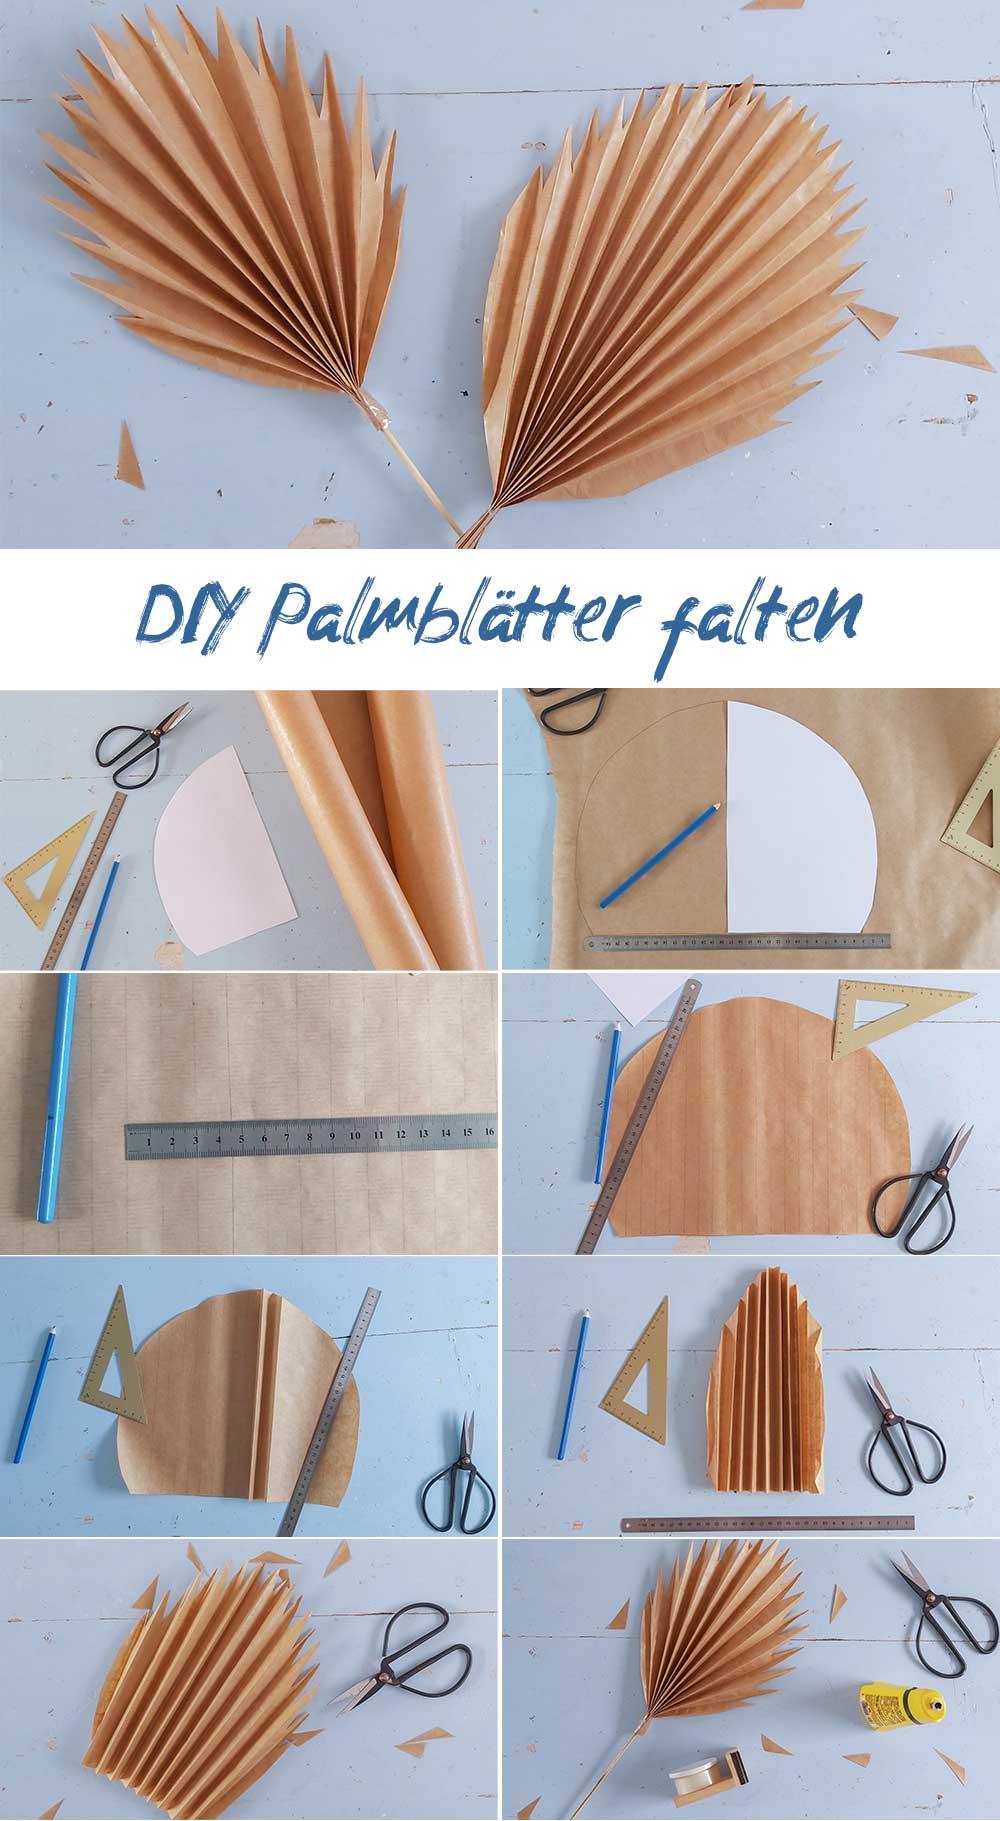 Schritt für Schritt Anleitung Palmblätter